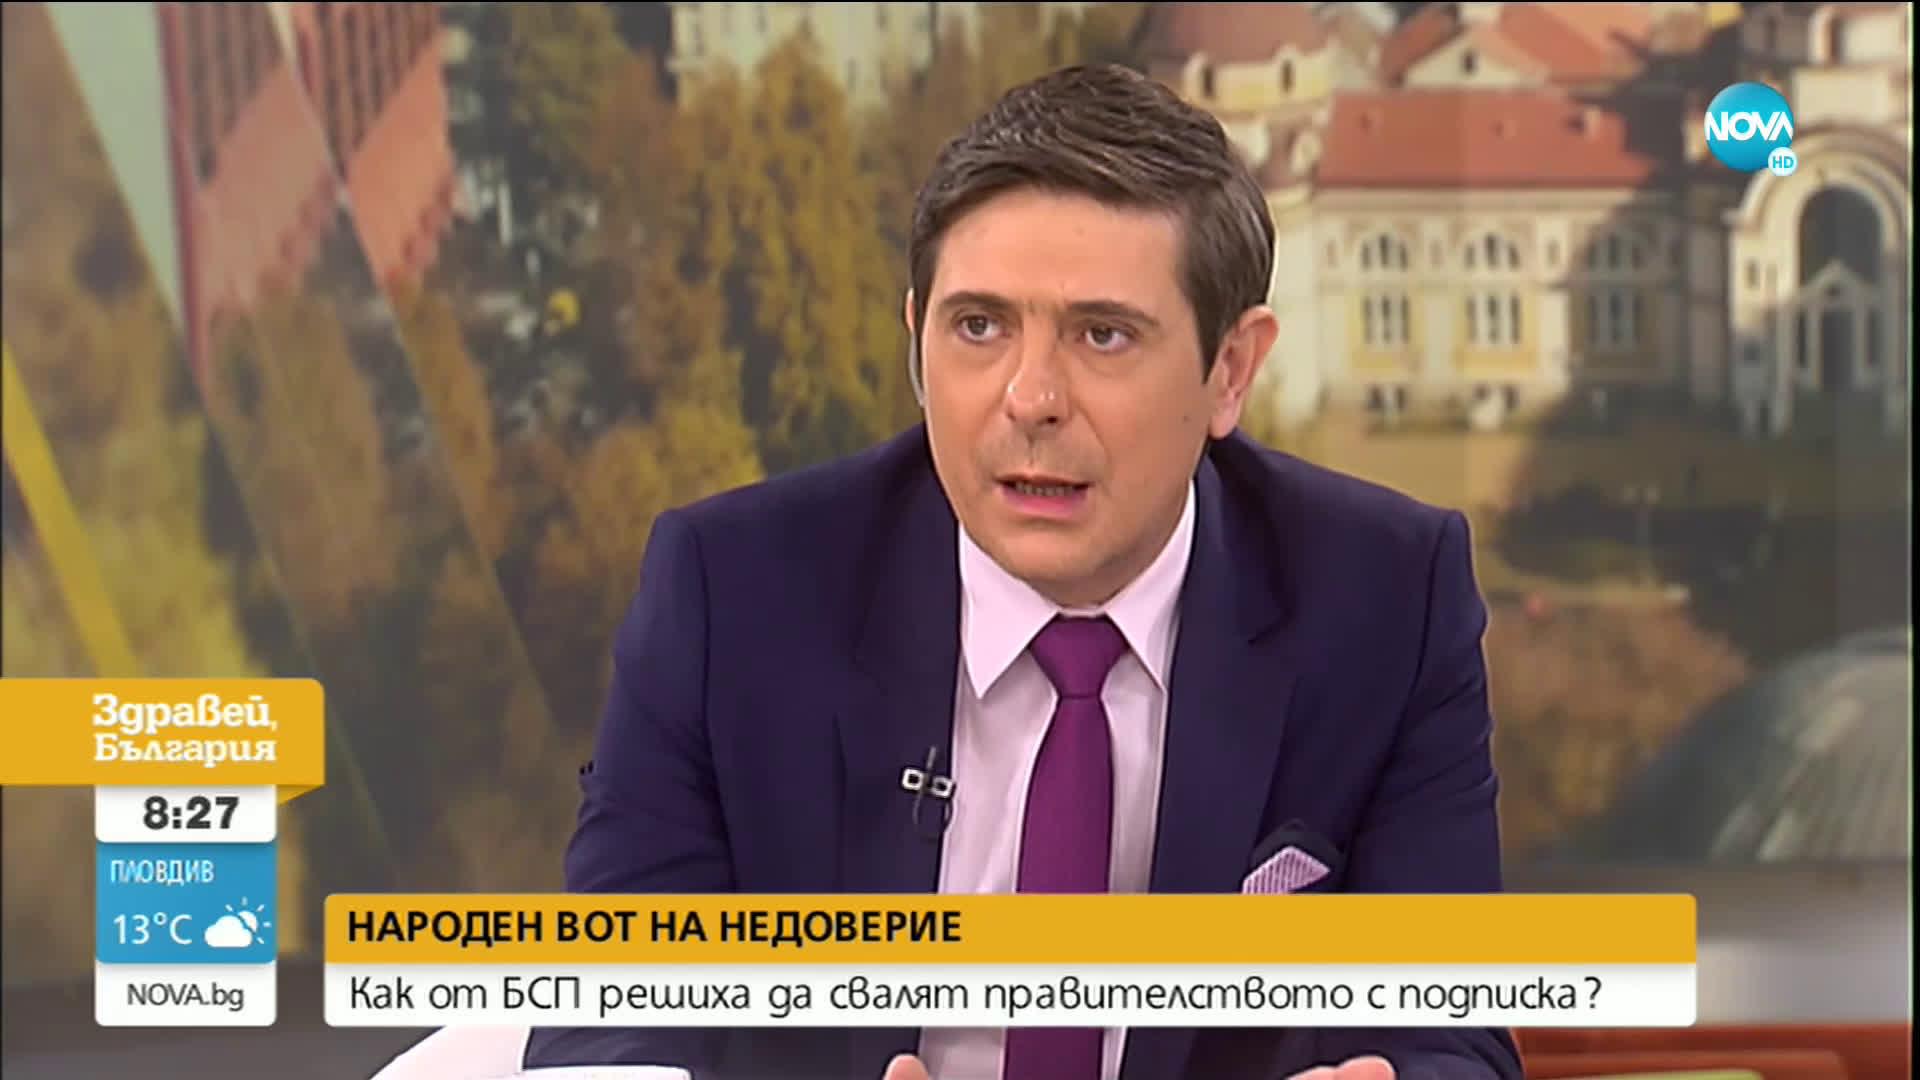 Красимир Янков: Нинова предприема акции срещу правителството еднолично и с тесен кръг хора от БСП